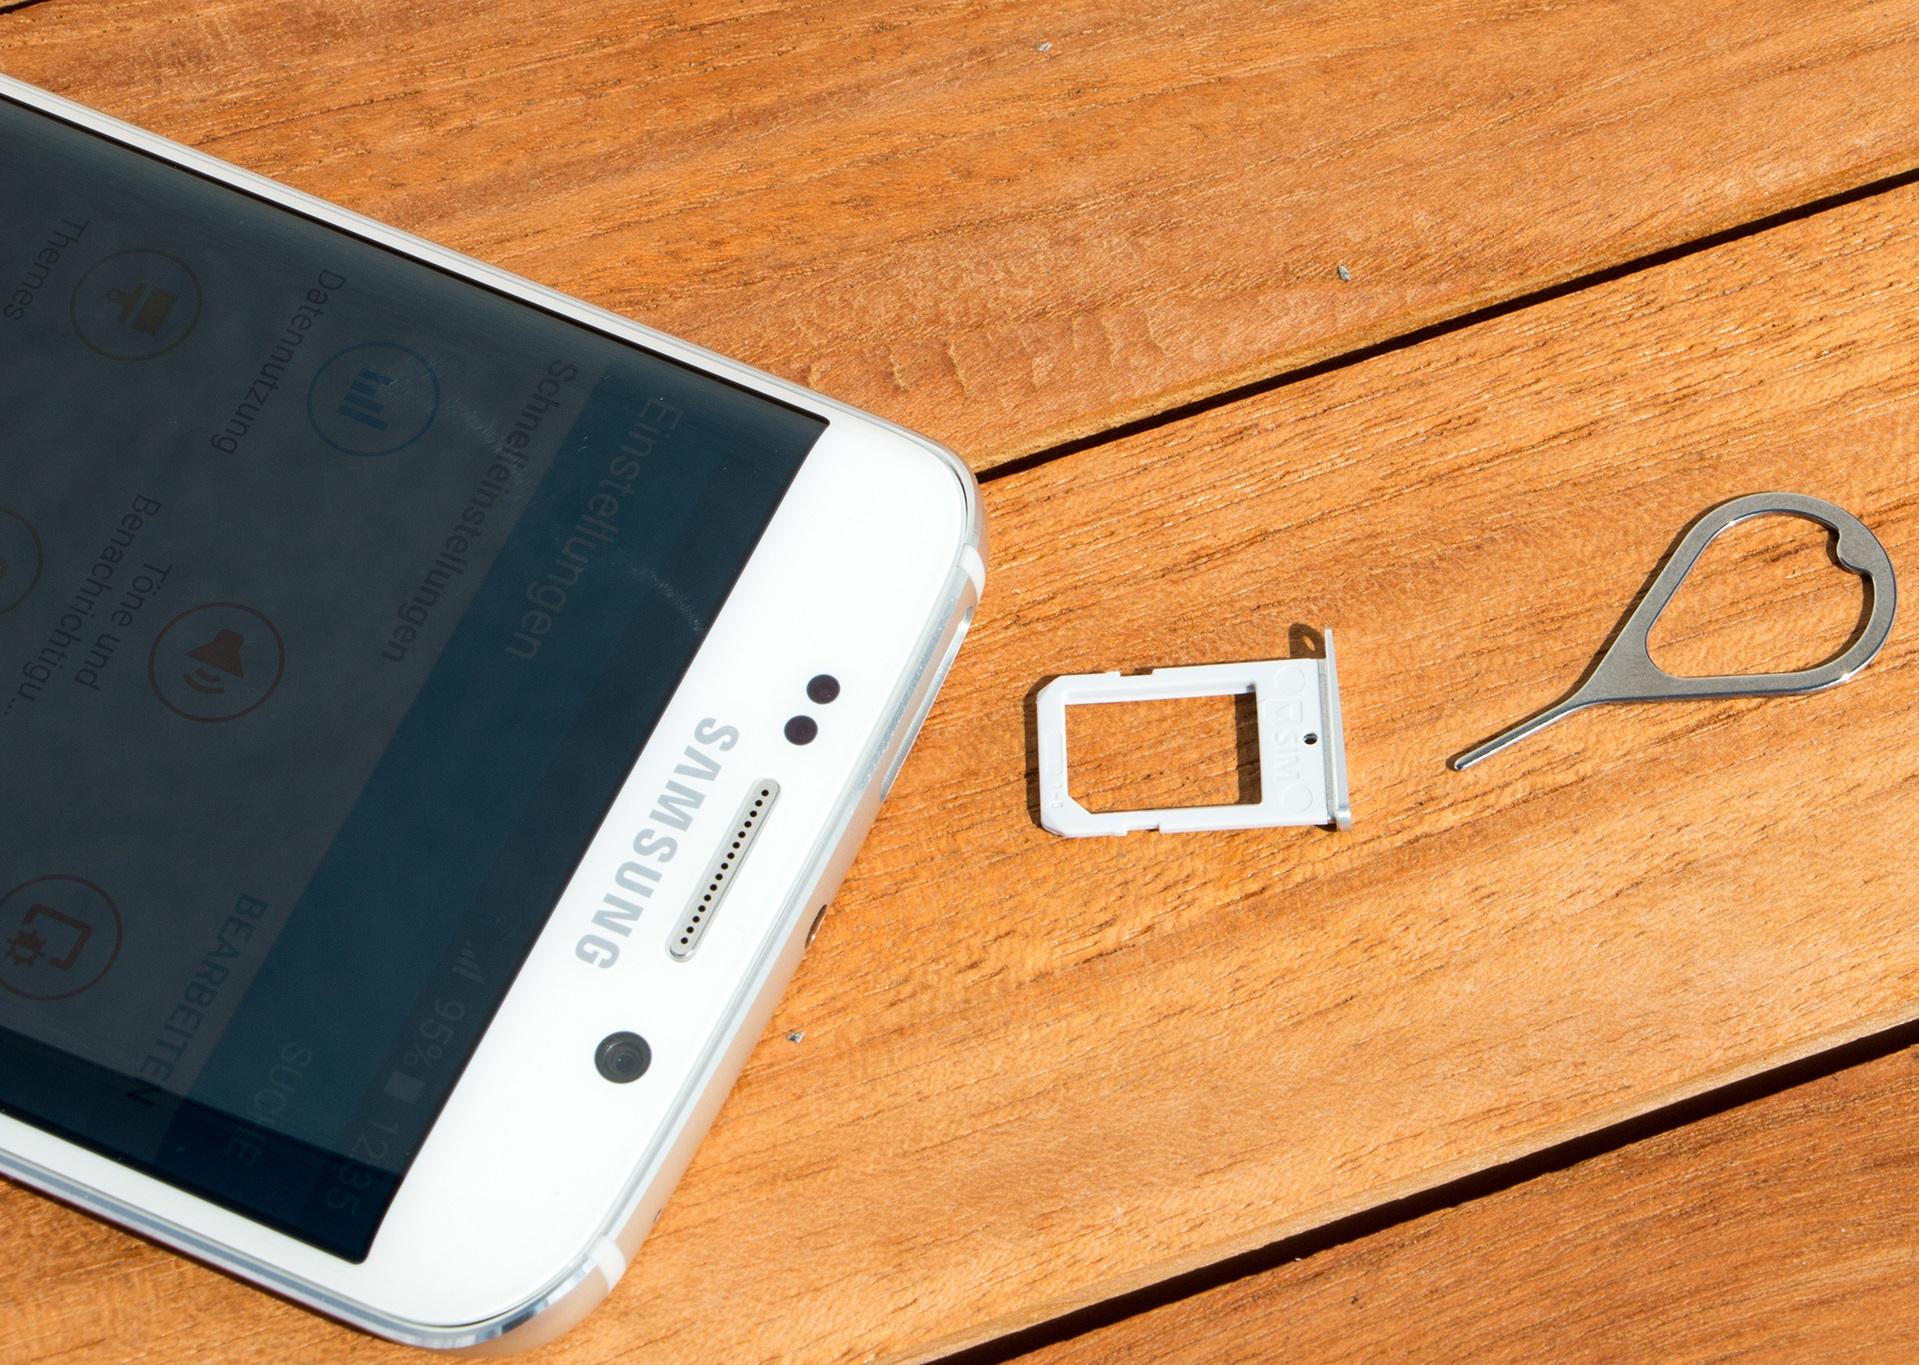 Не включается телефон samsung galaxy s6 схема наушников для телефона samsung